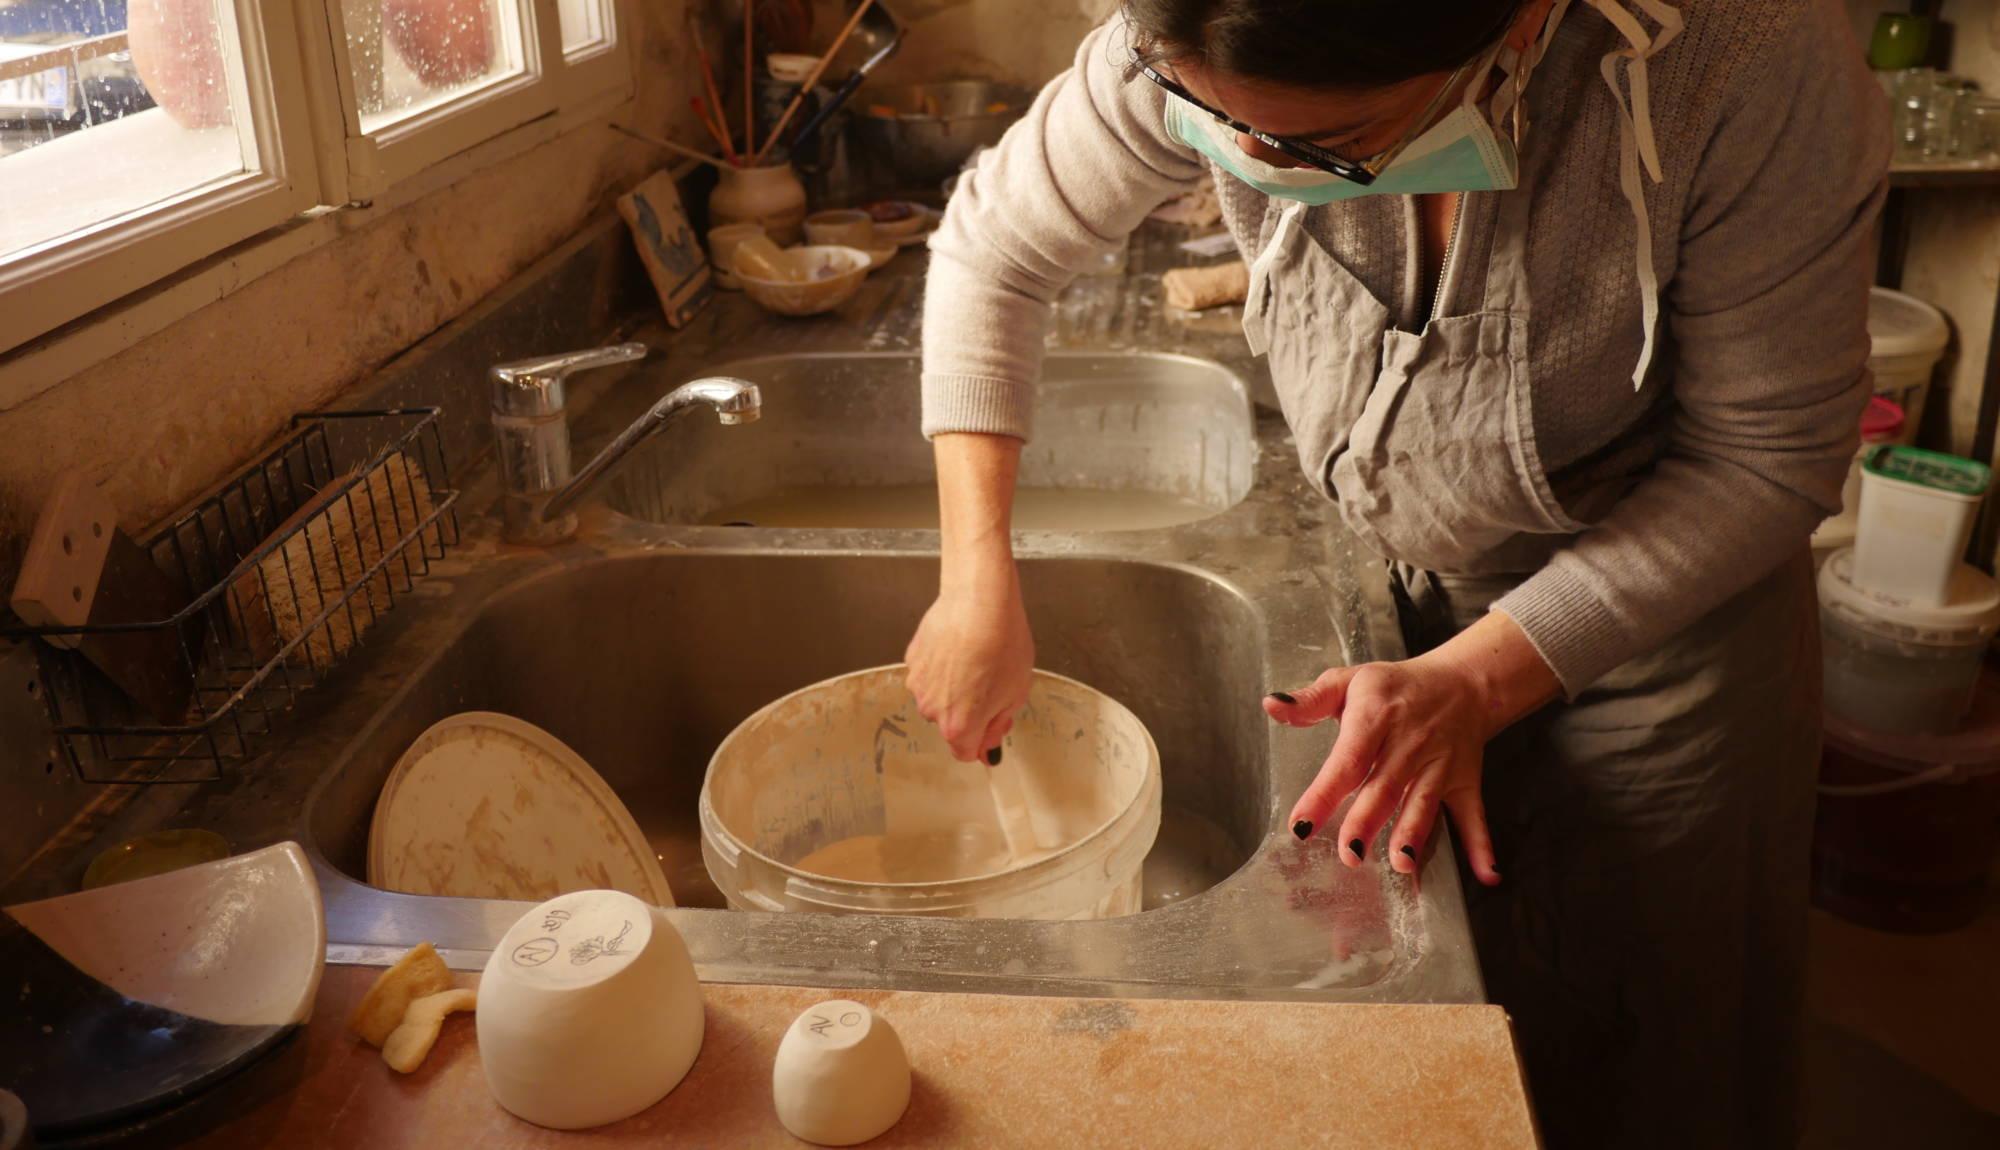 Cours de poterie et céramique à Nice, élève préparant de l'émaille